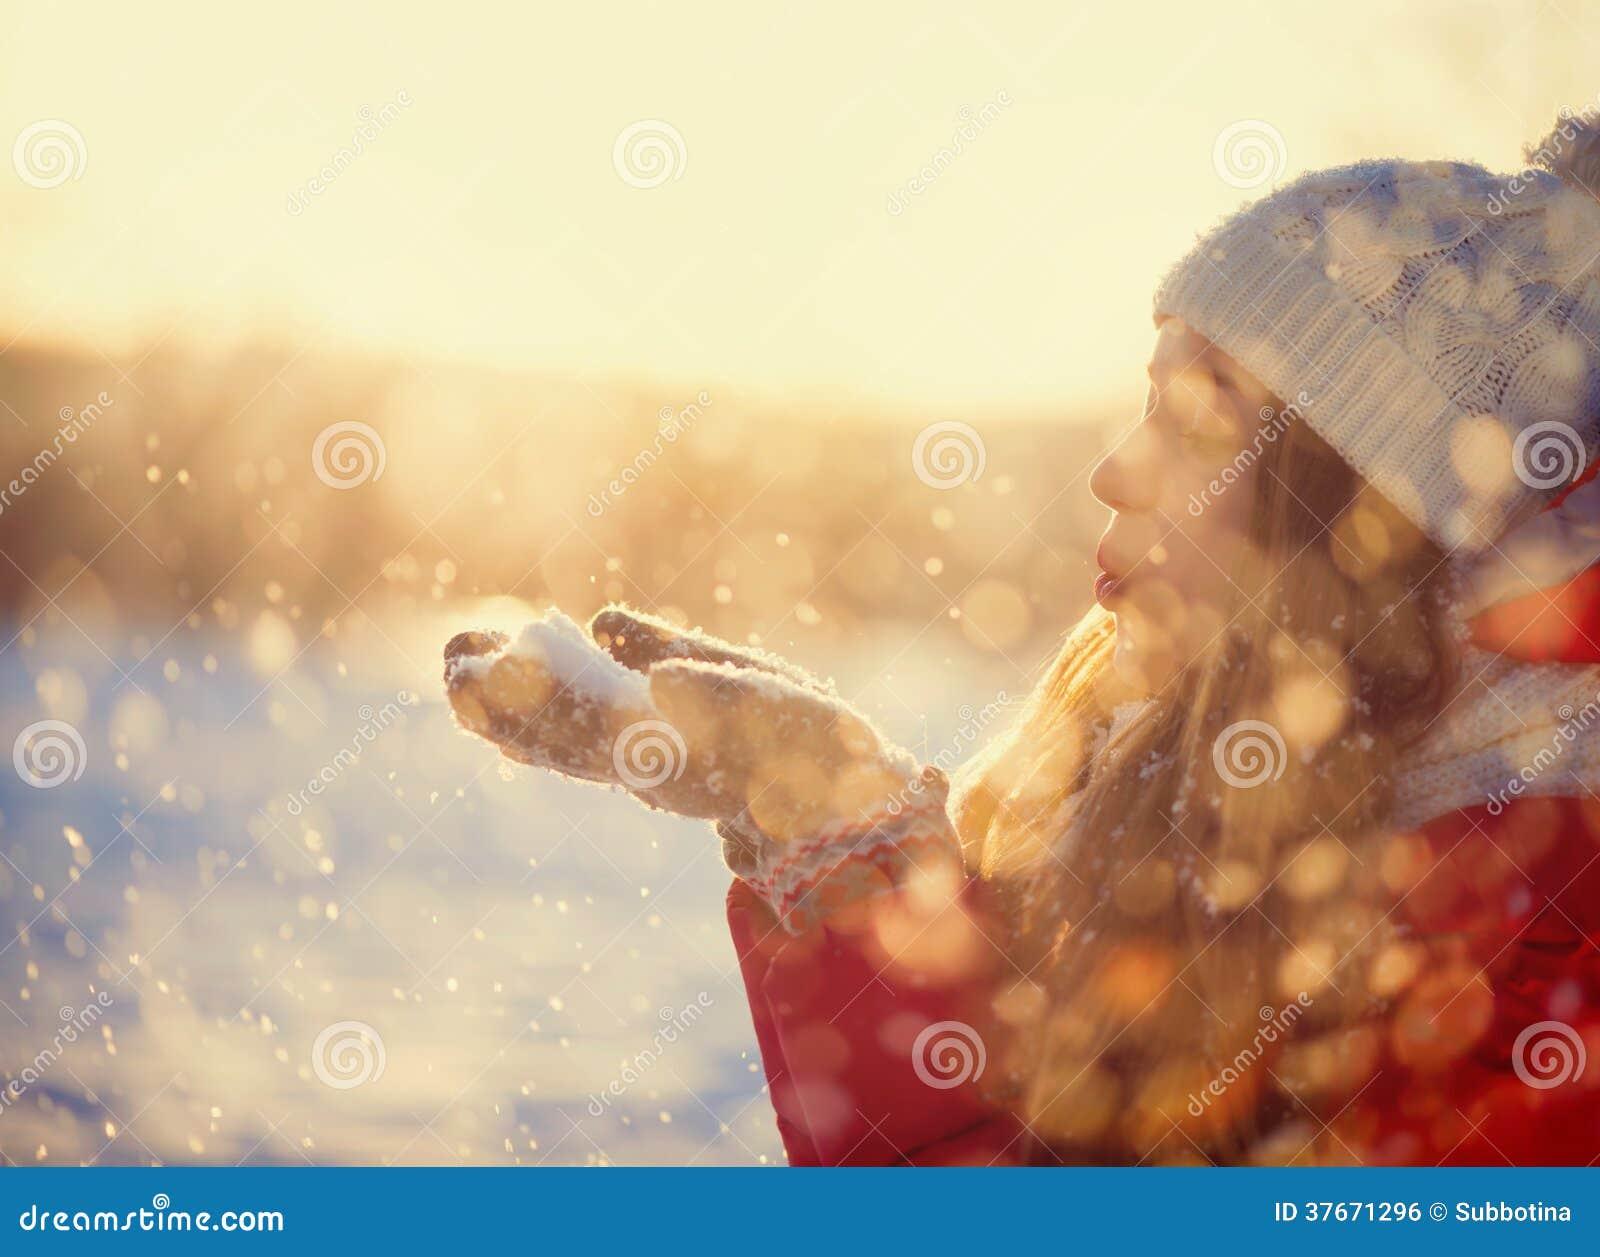 Низовая метель девушки зимы